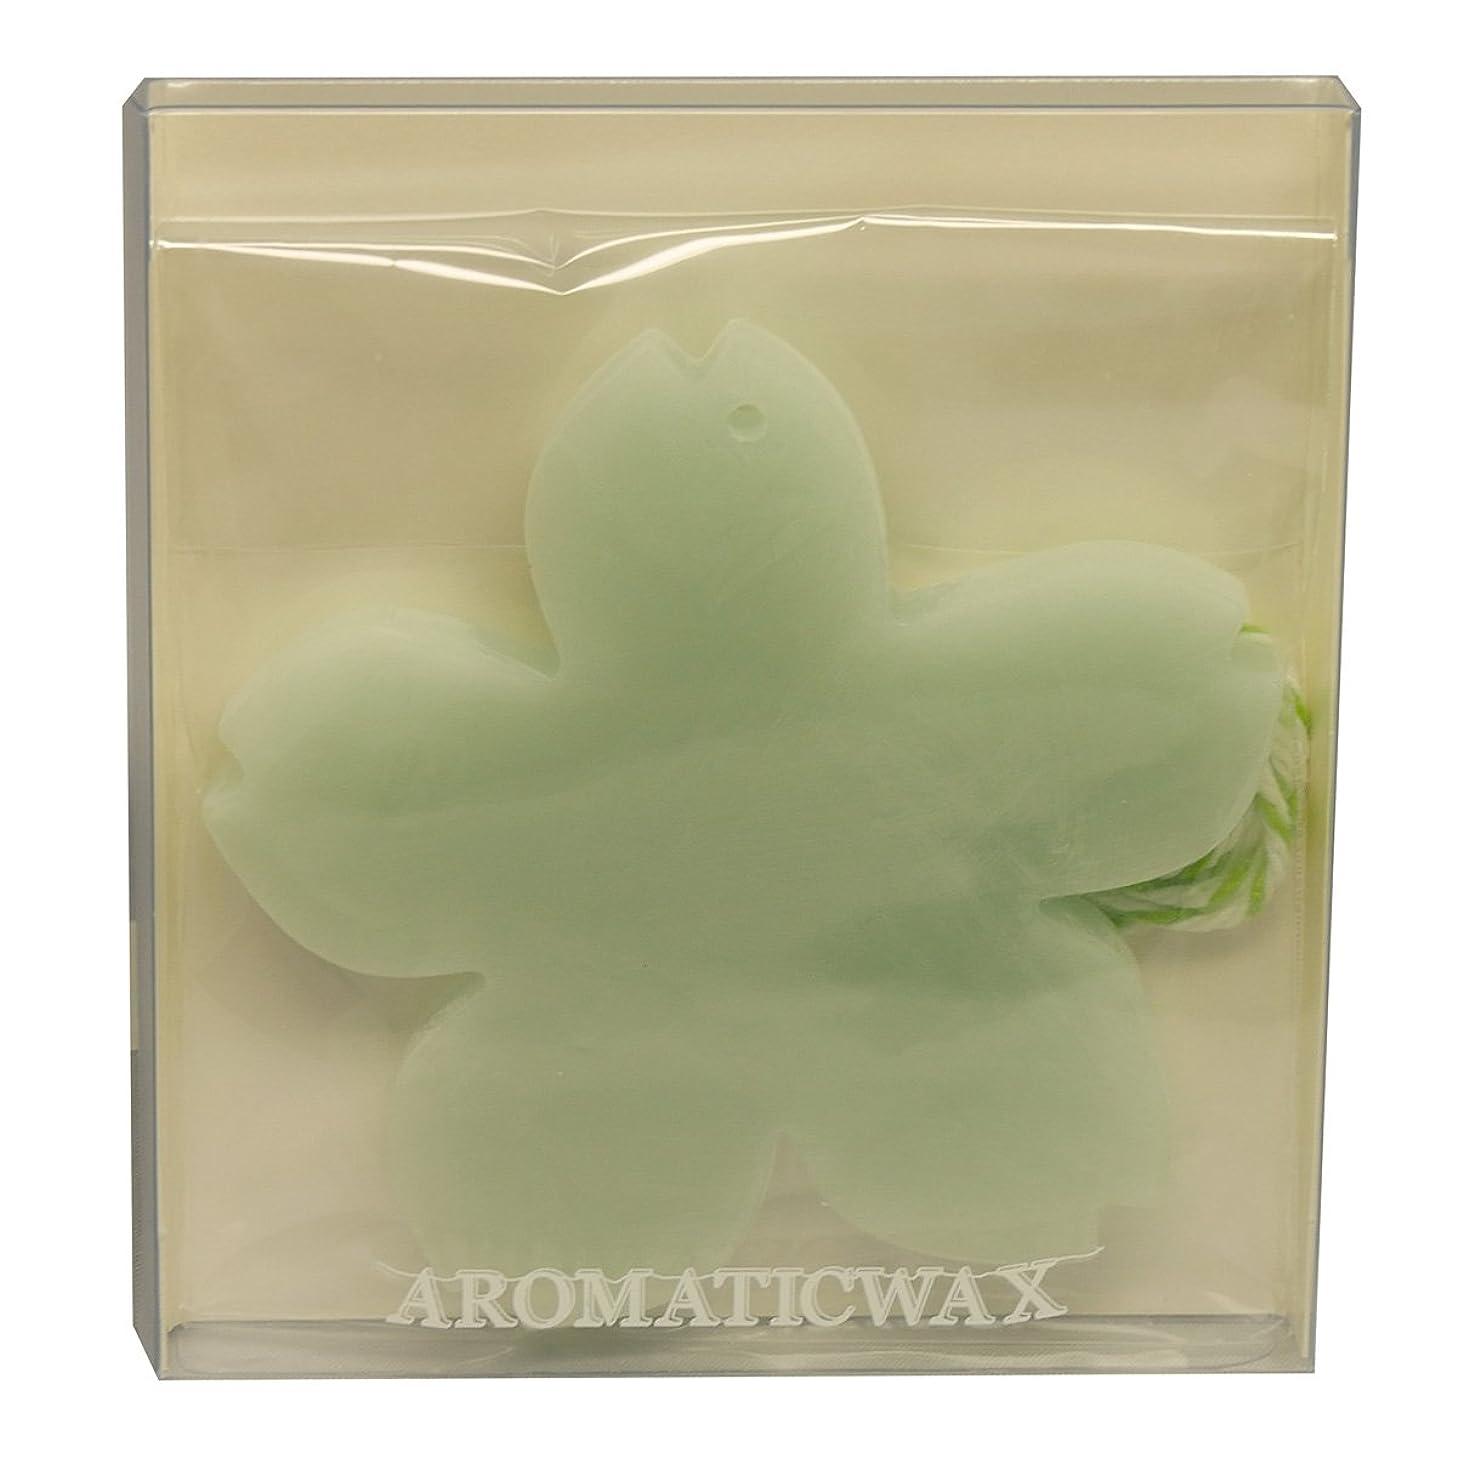 目を覚ます計算可能導入するGRASSE TOKYO AROMATICWAXチャーム「さくら」(GR) レモングラス アロマティックワックス グラーストウキョウ